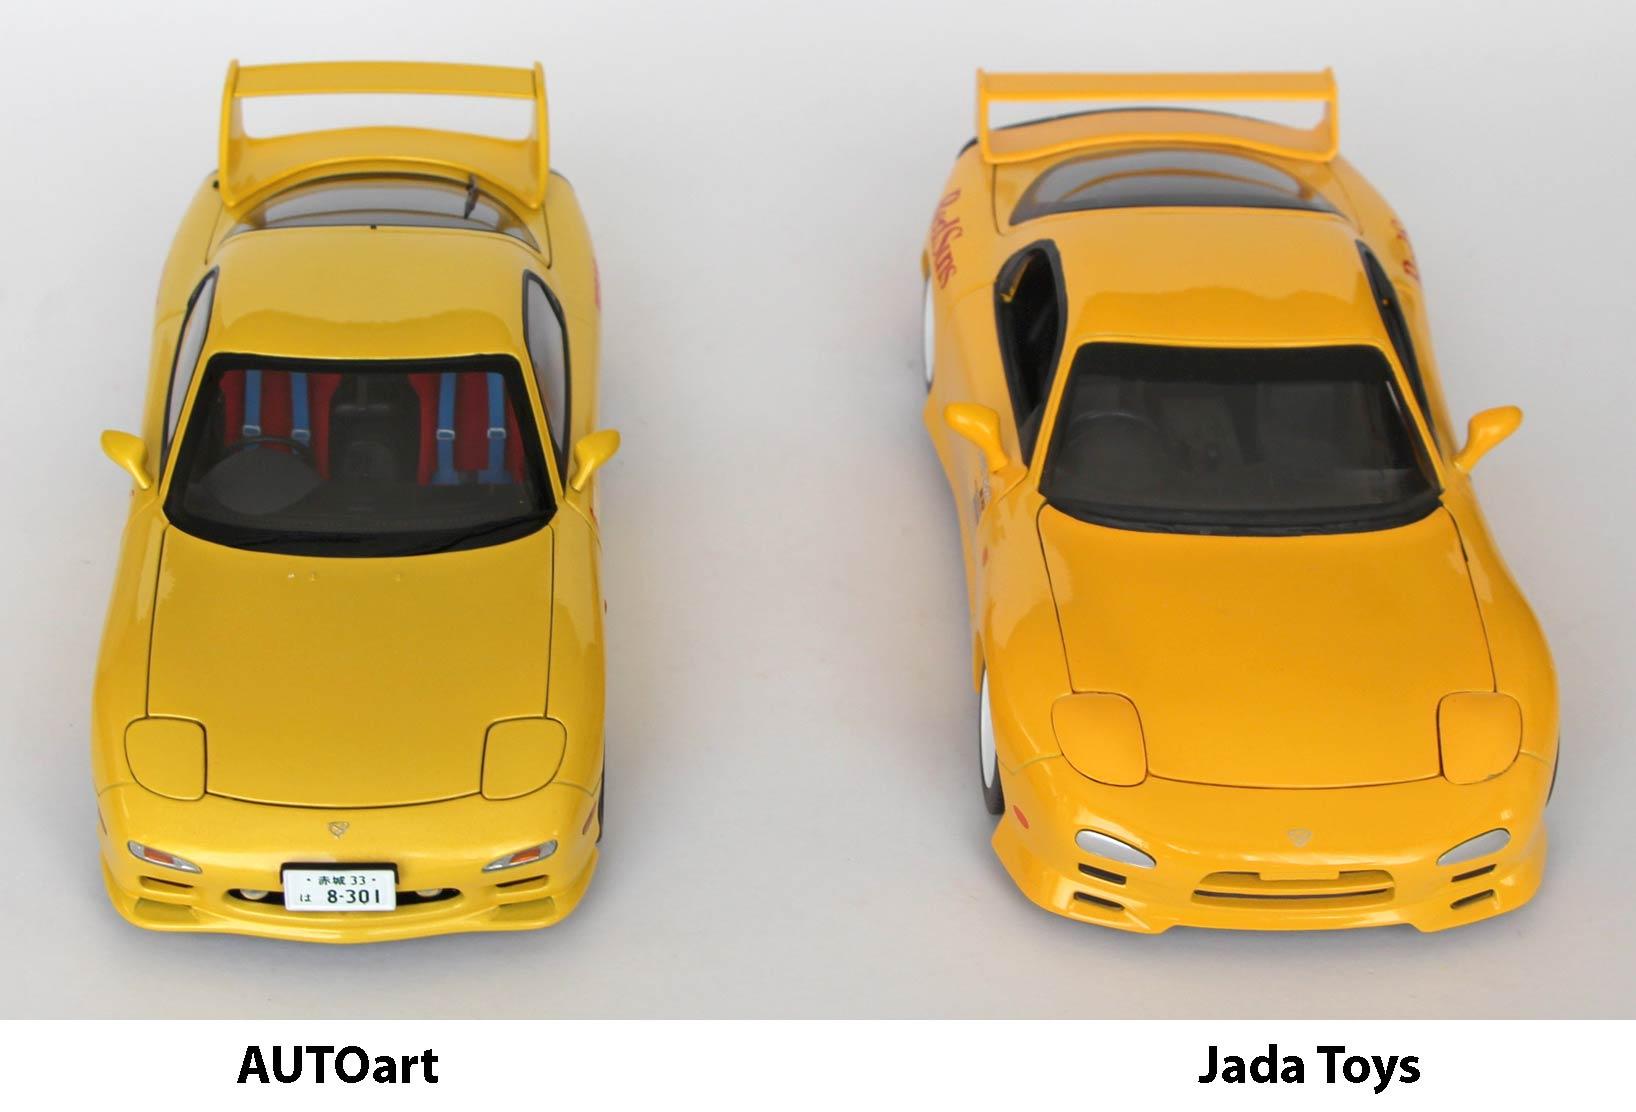 Comparaison de la RX-7 Initial D de Jada Toys et AUTOart